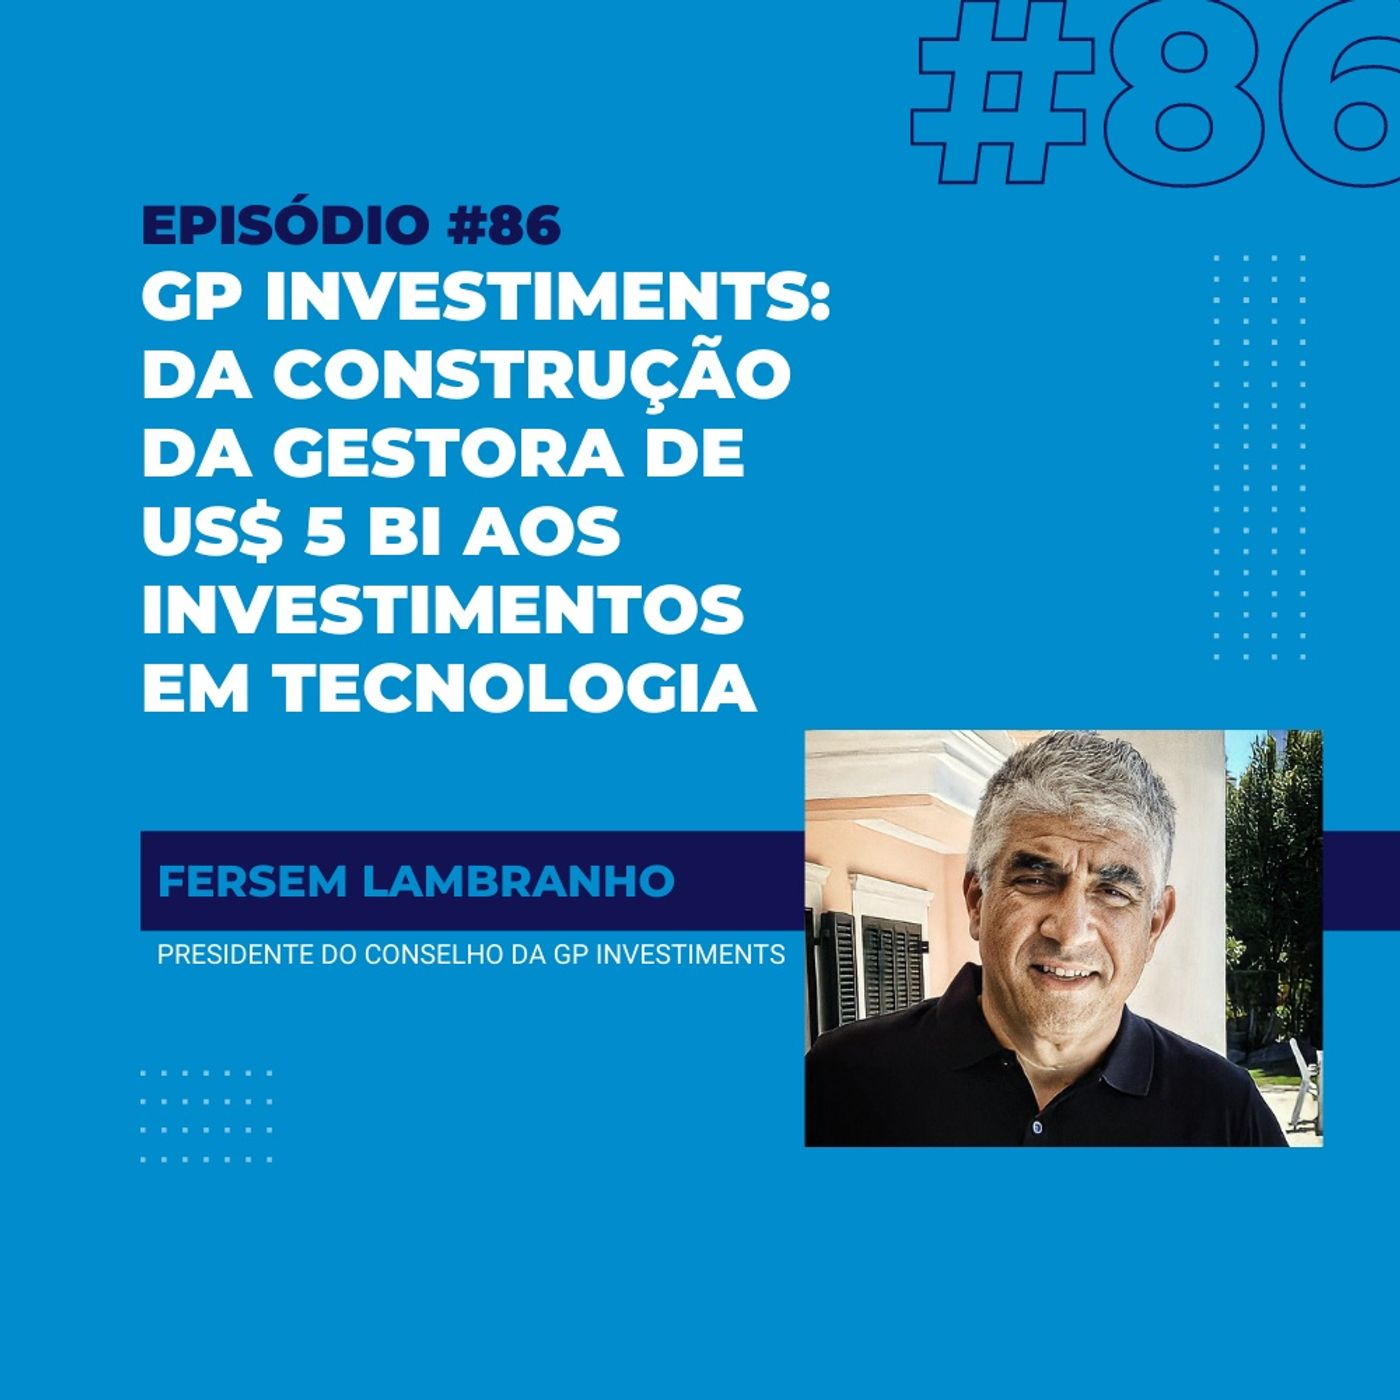 #86 - GP Investiments: a construção da gestora de US$ 5 bilhões e os investimentos em tecnologia